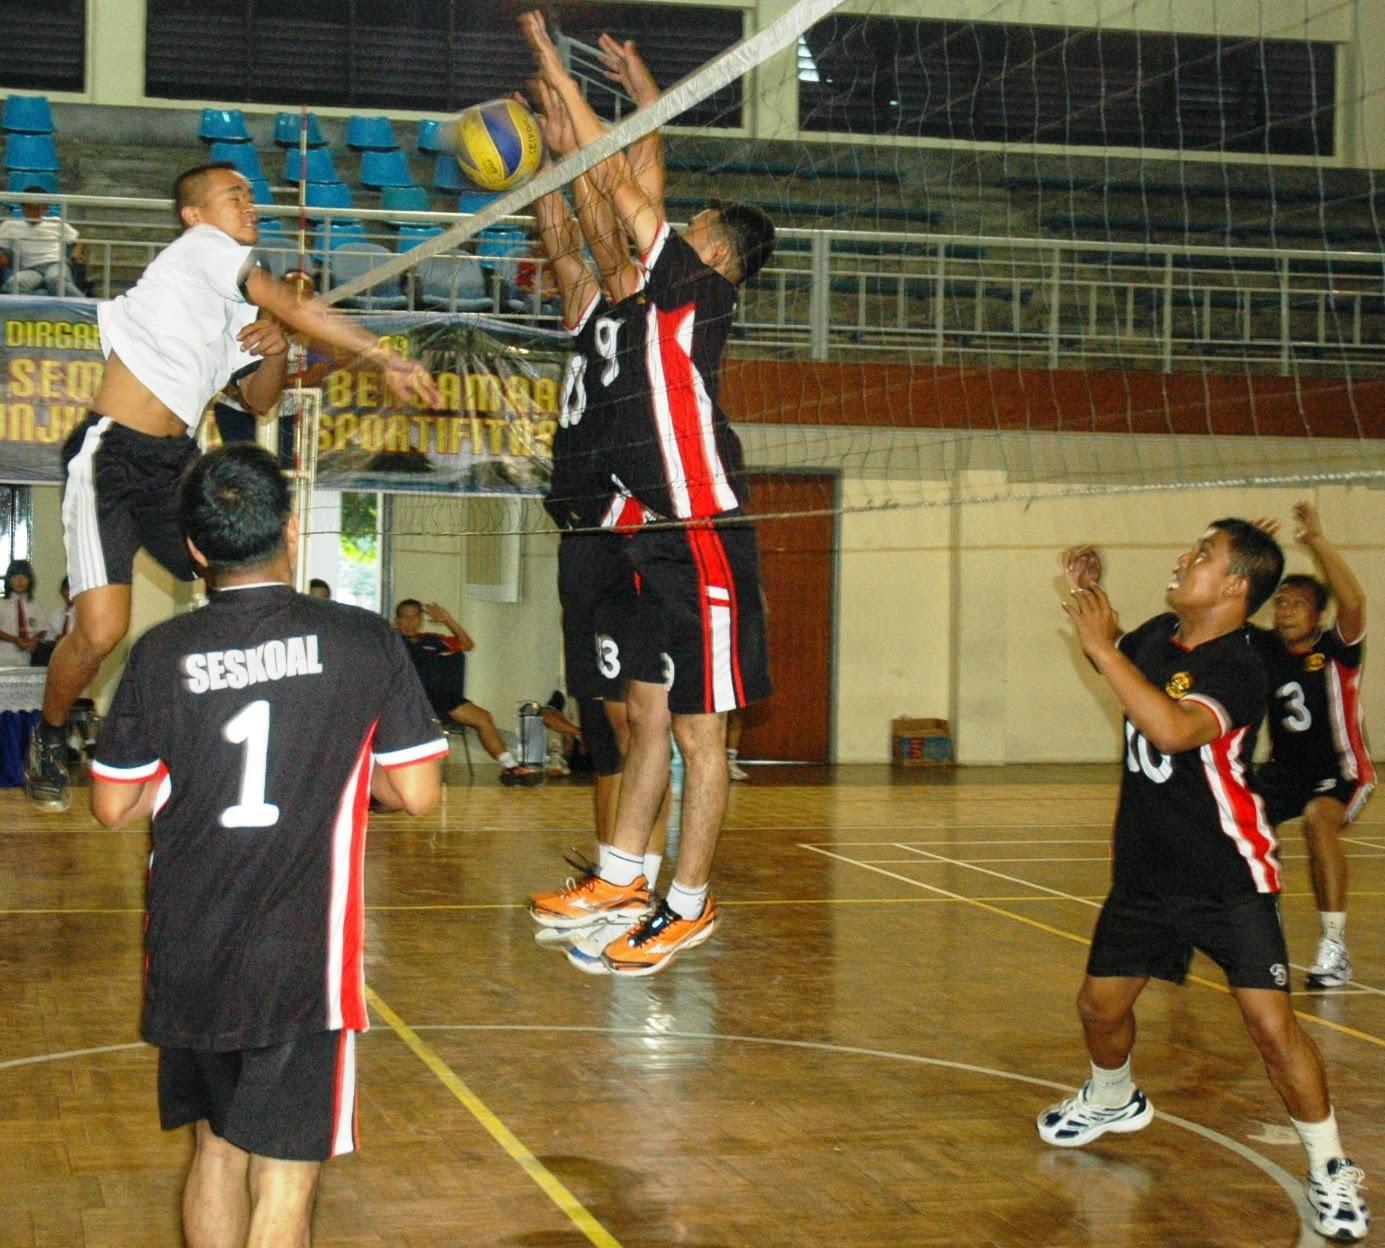 Olahraga Yang Bisa Meninggikan Badan Secara Cepat